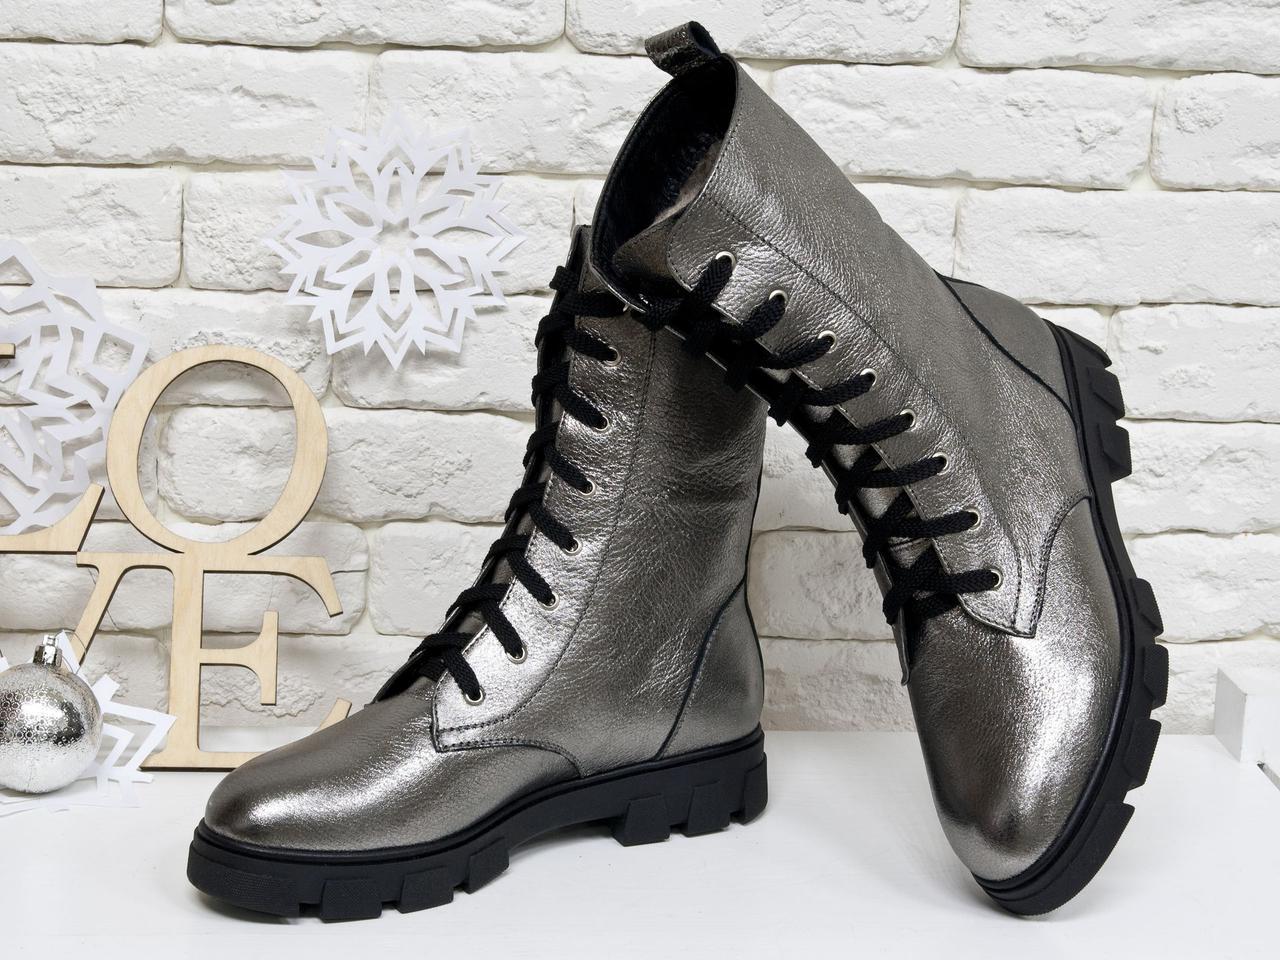 93f55290c3d8 Ботинки-берцы из натуральной коже платинового цвета на шнурках на  устойчивой ...